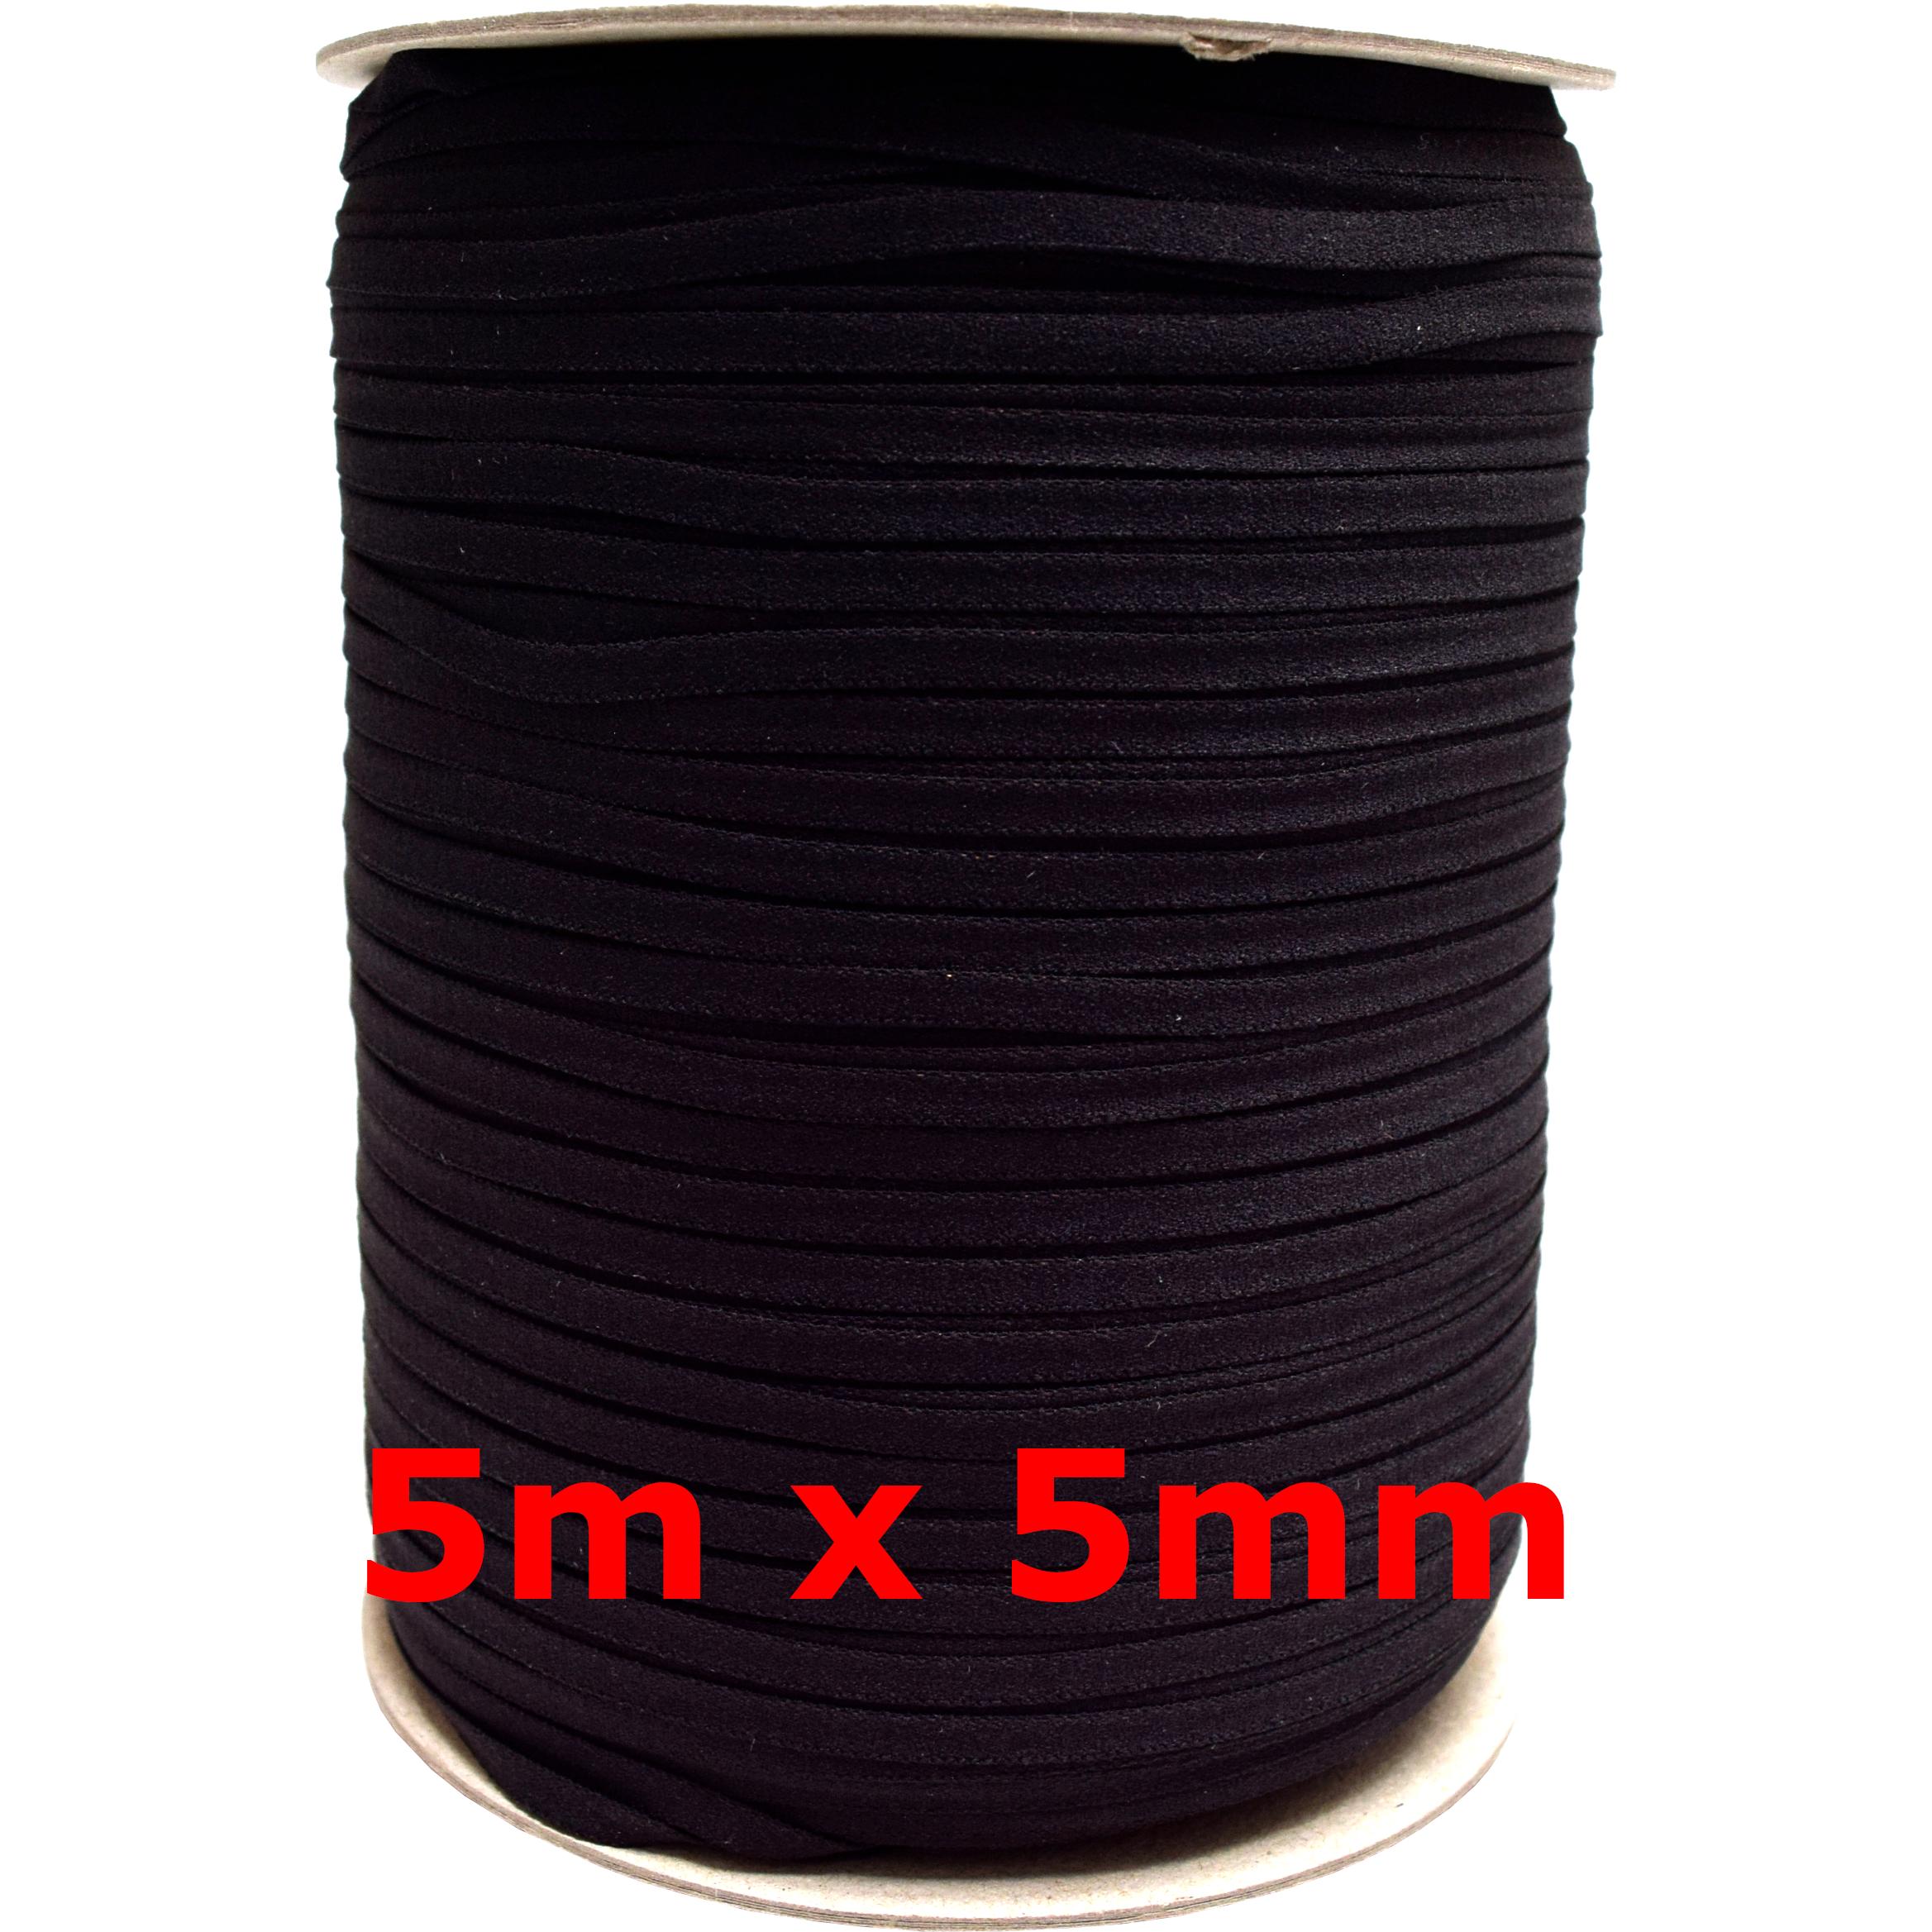 5m-x-3mm-5mm-6mm-Gummiband-kochfest-leichter-Zug-Gummilitze-schwarz-weiss-Maske Indexbild 7